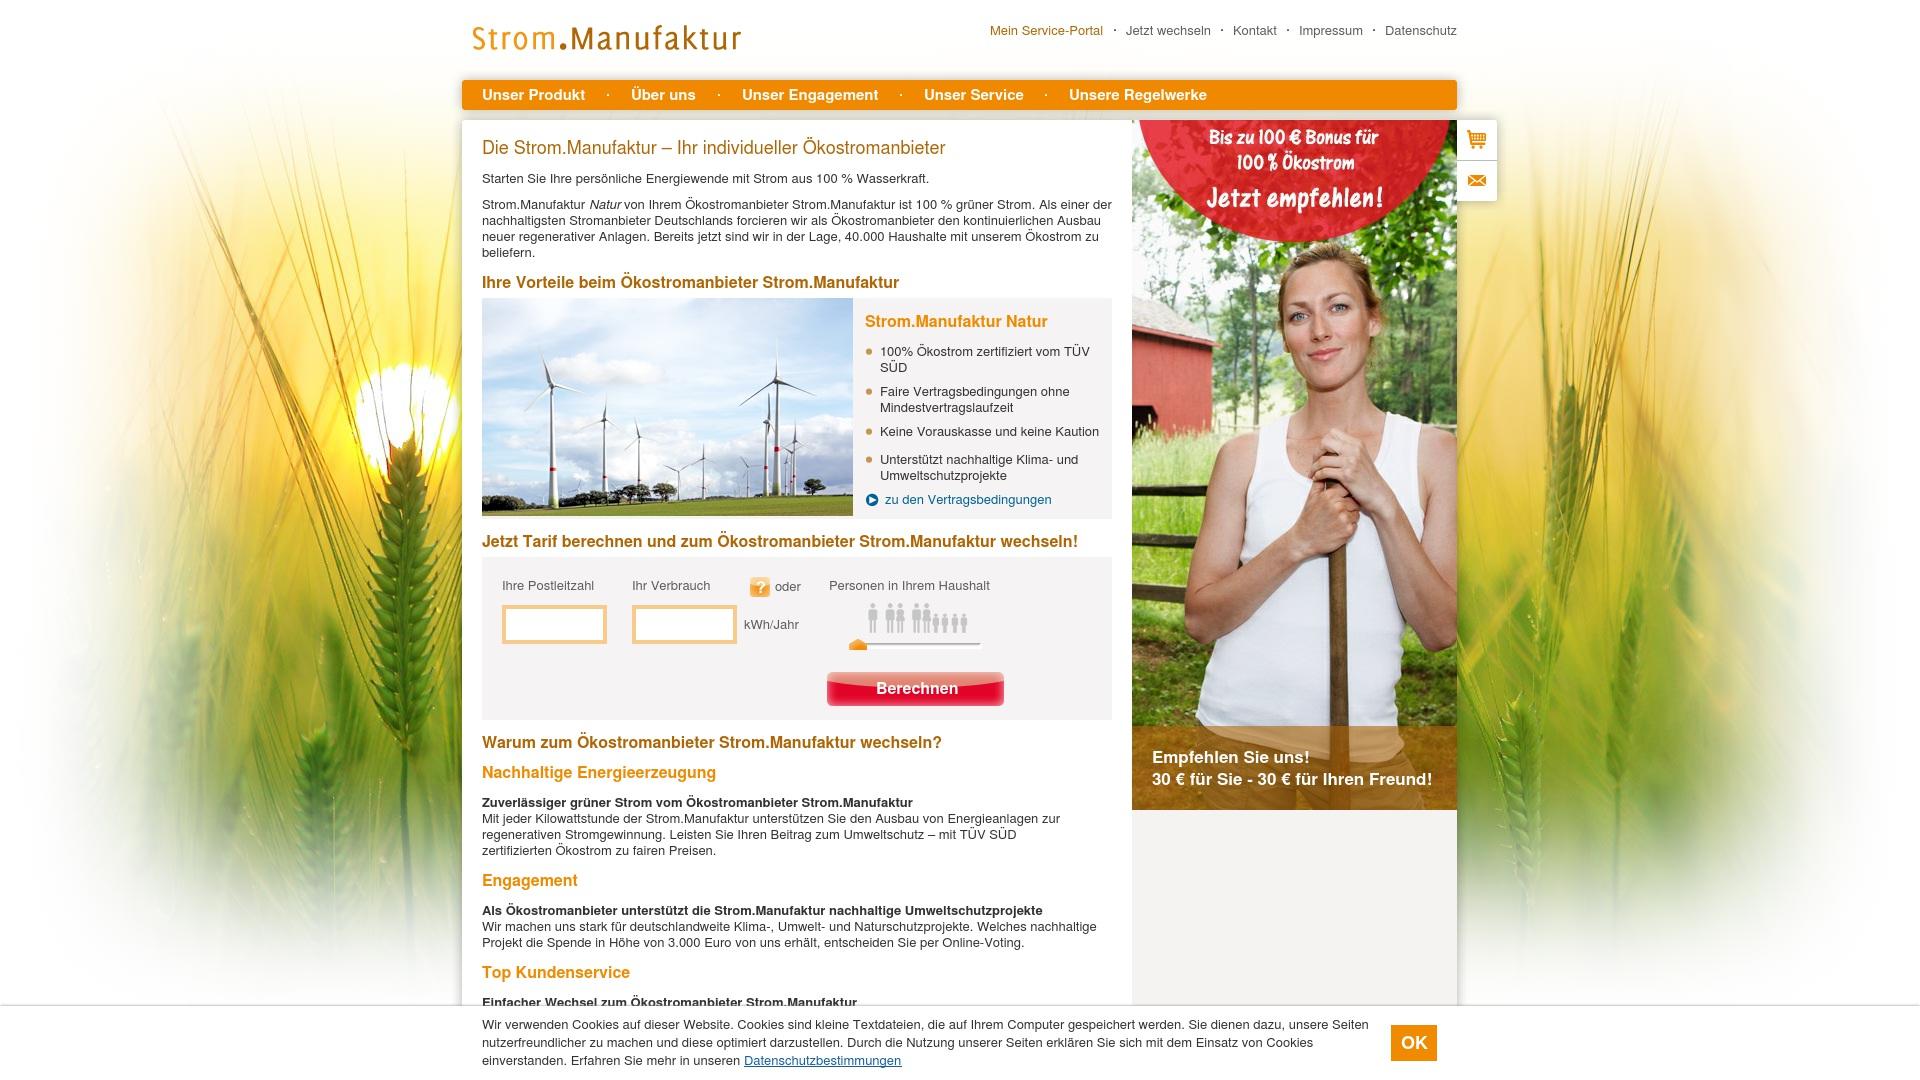 Gutschein für Strommanufaktur: Rabatte für  Strommanufaktur sichern